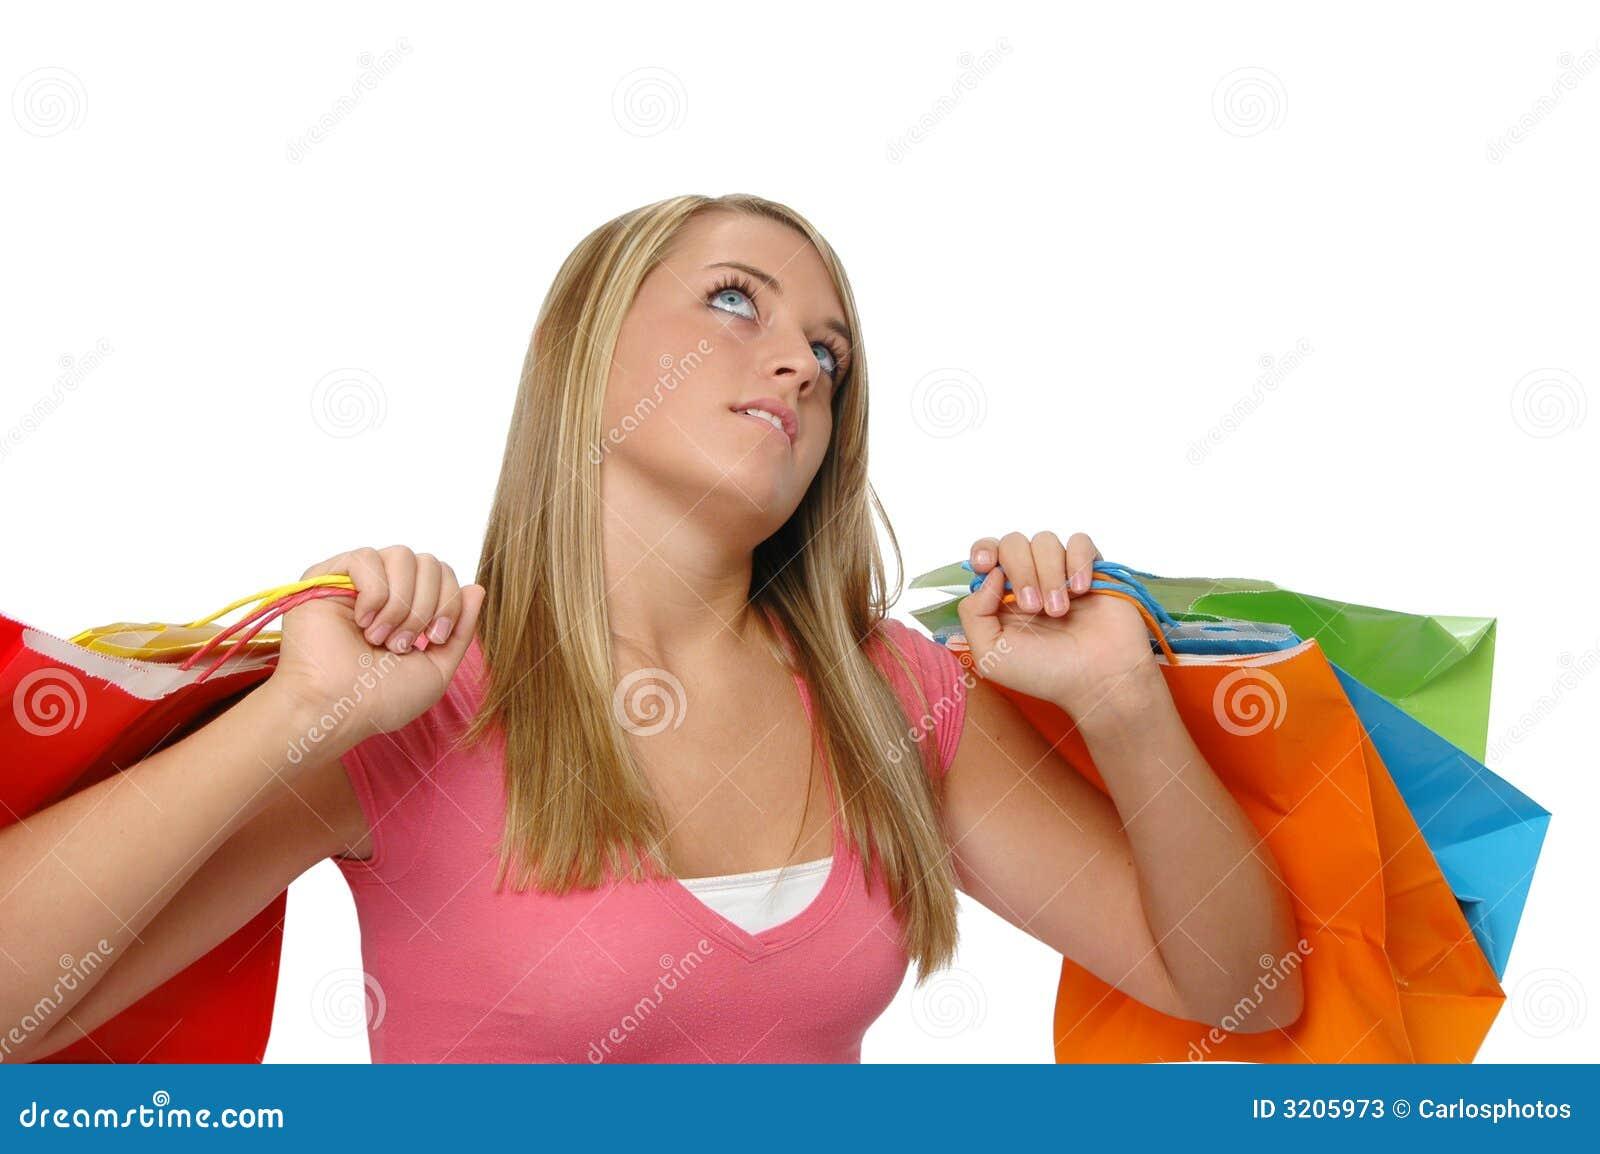 Cute Teen Girl Shopping Stock Photos Image 3205973